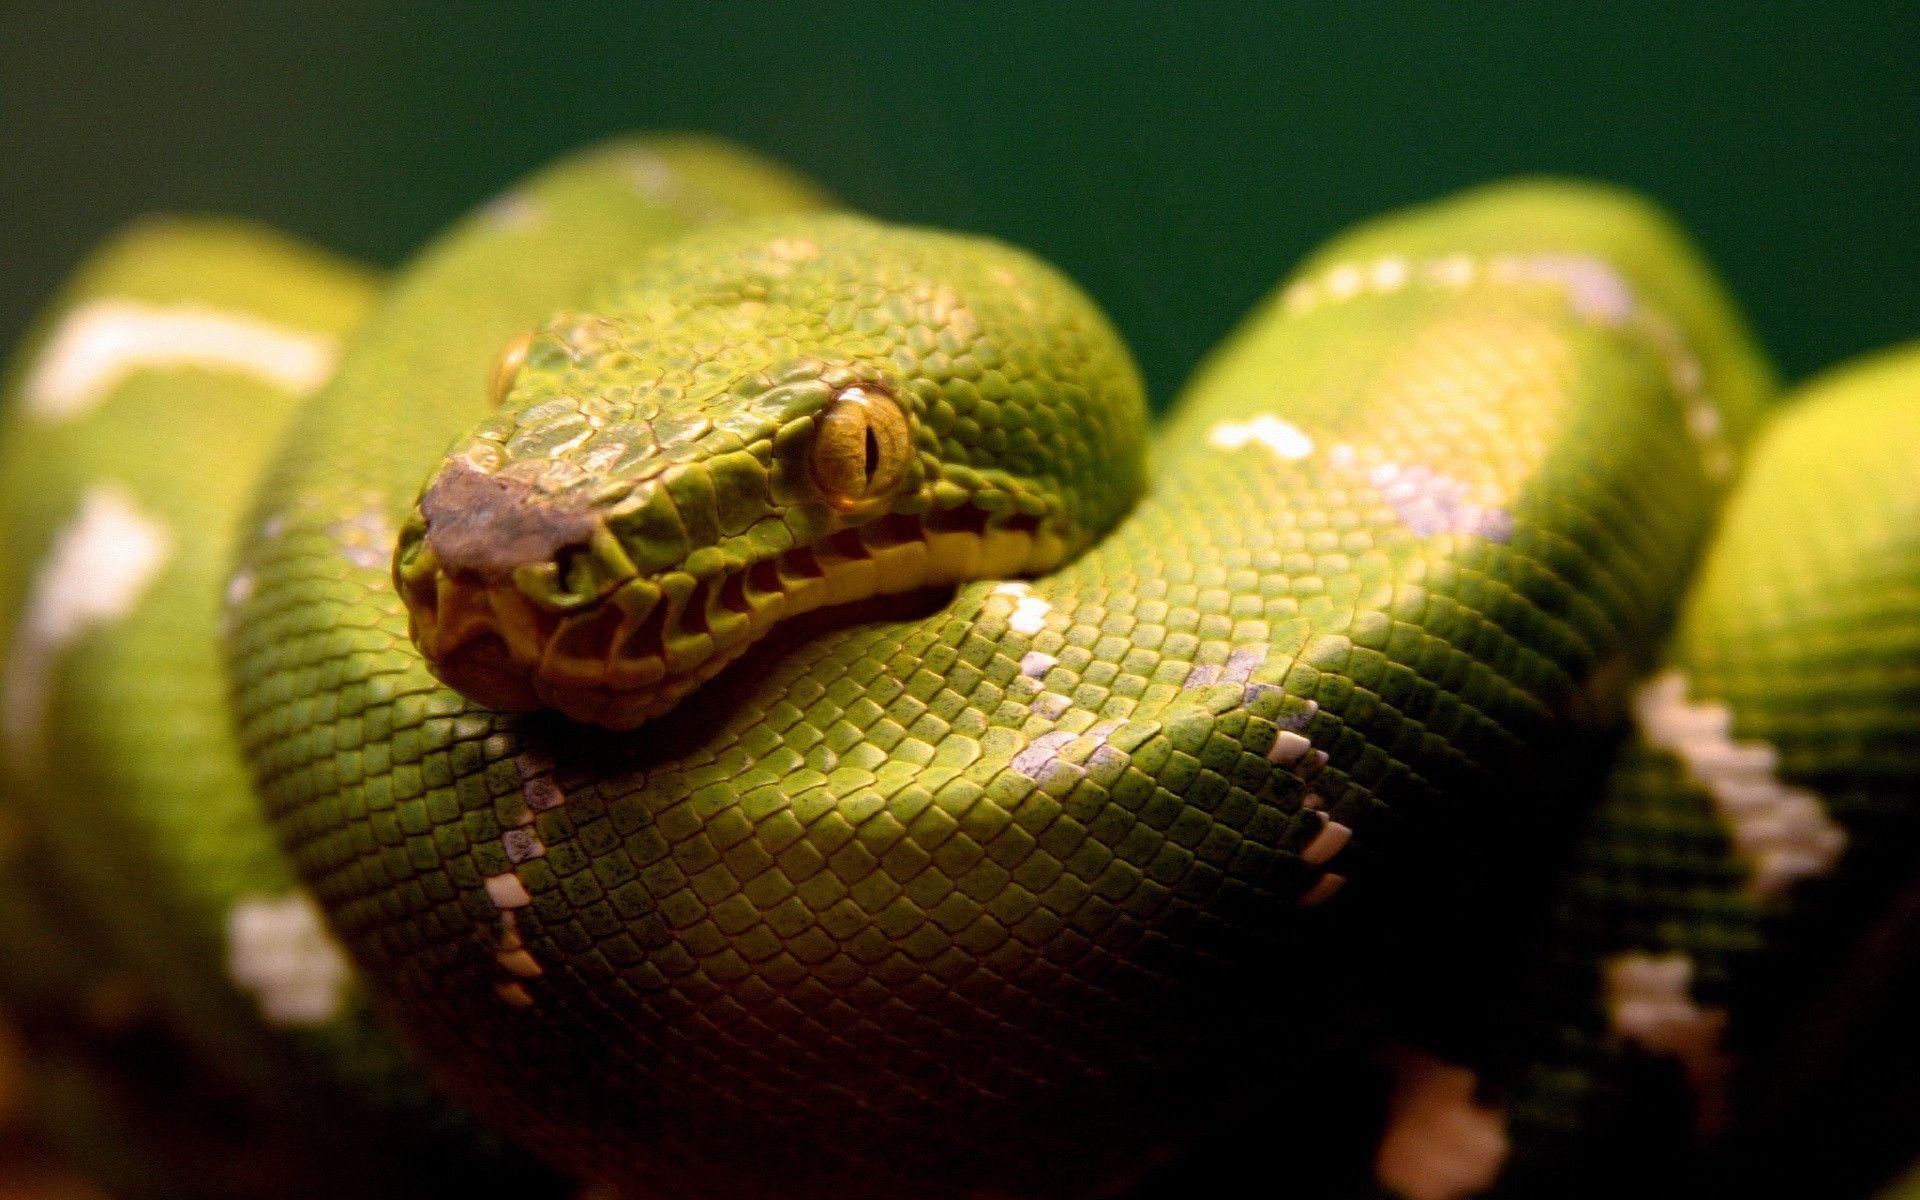 Snake wallpaper - 839568